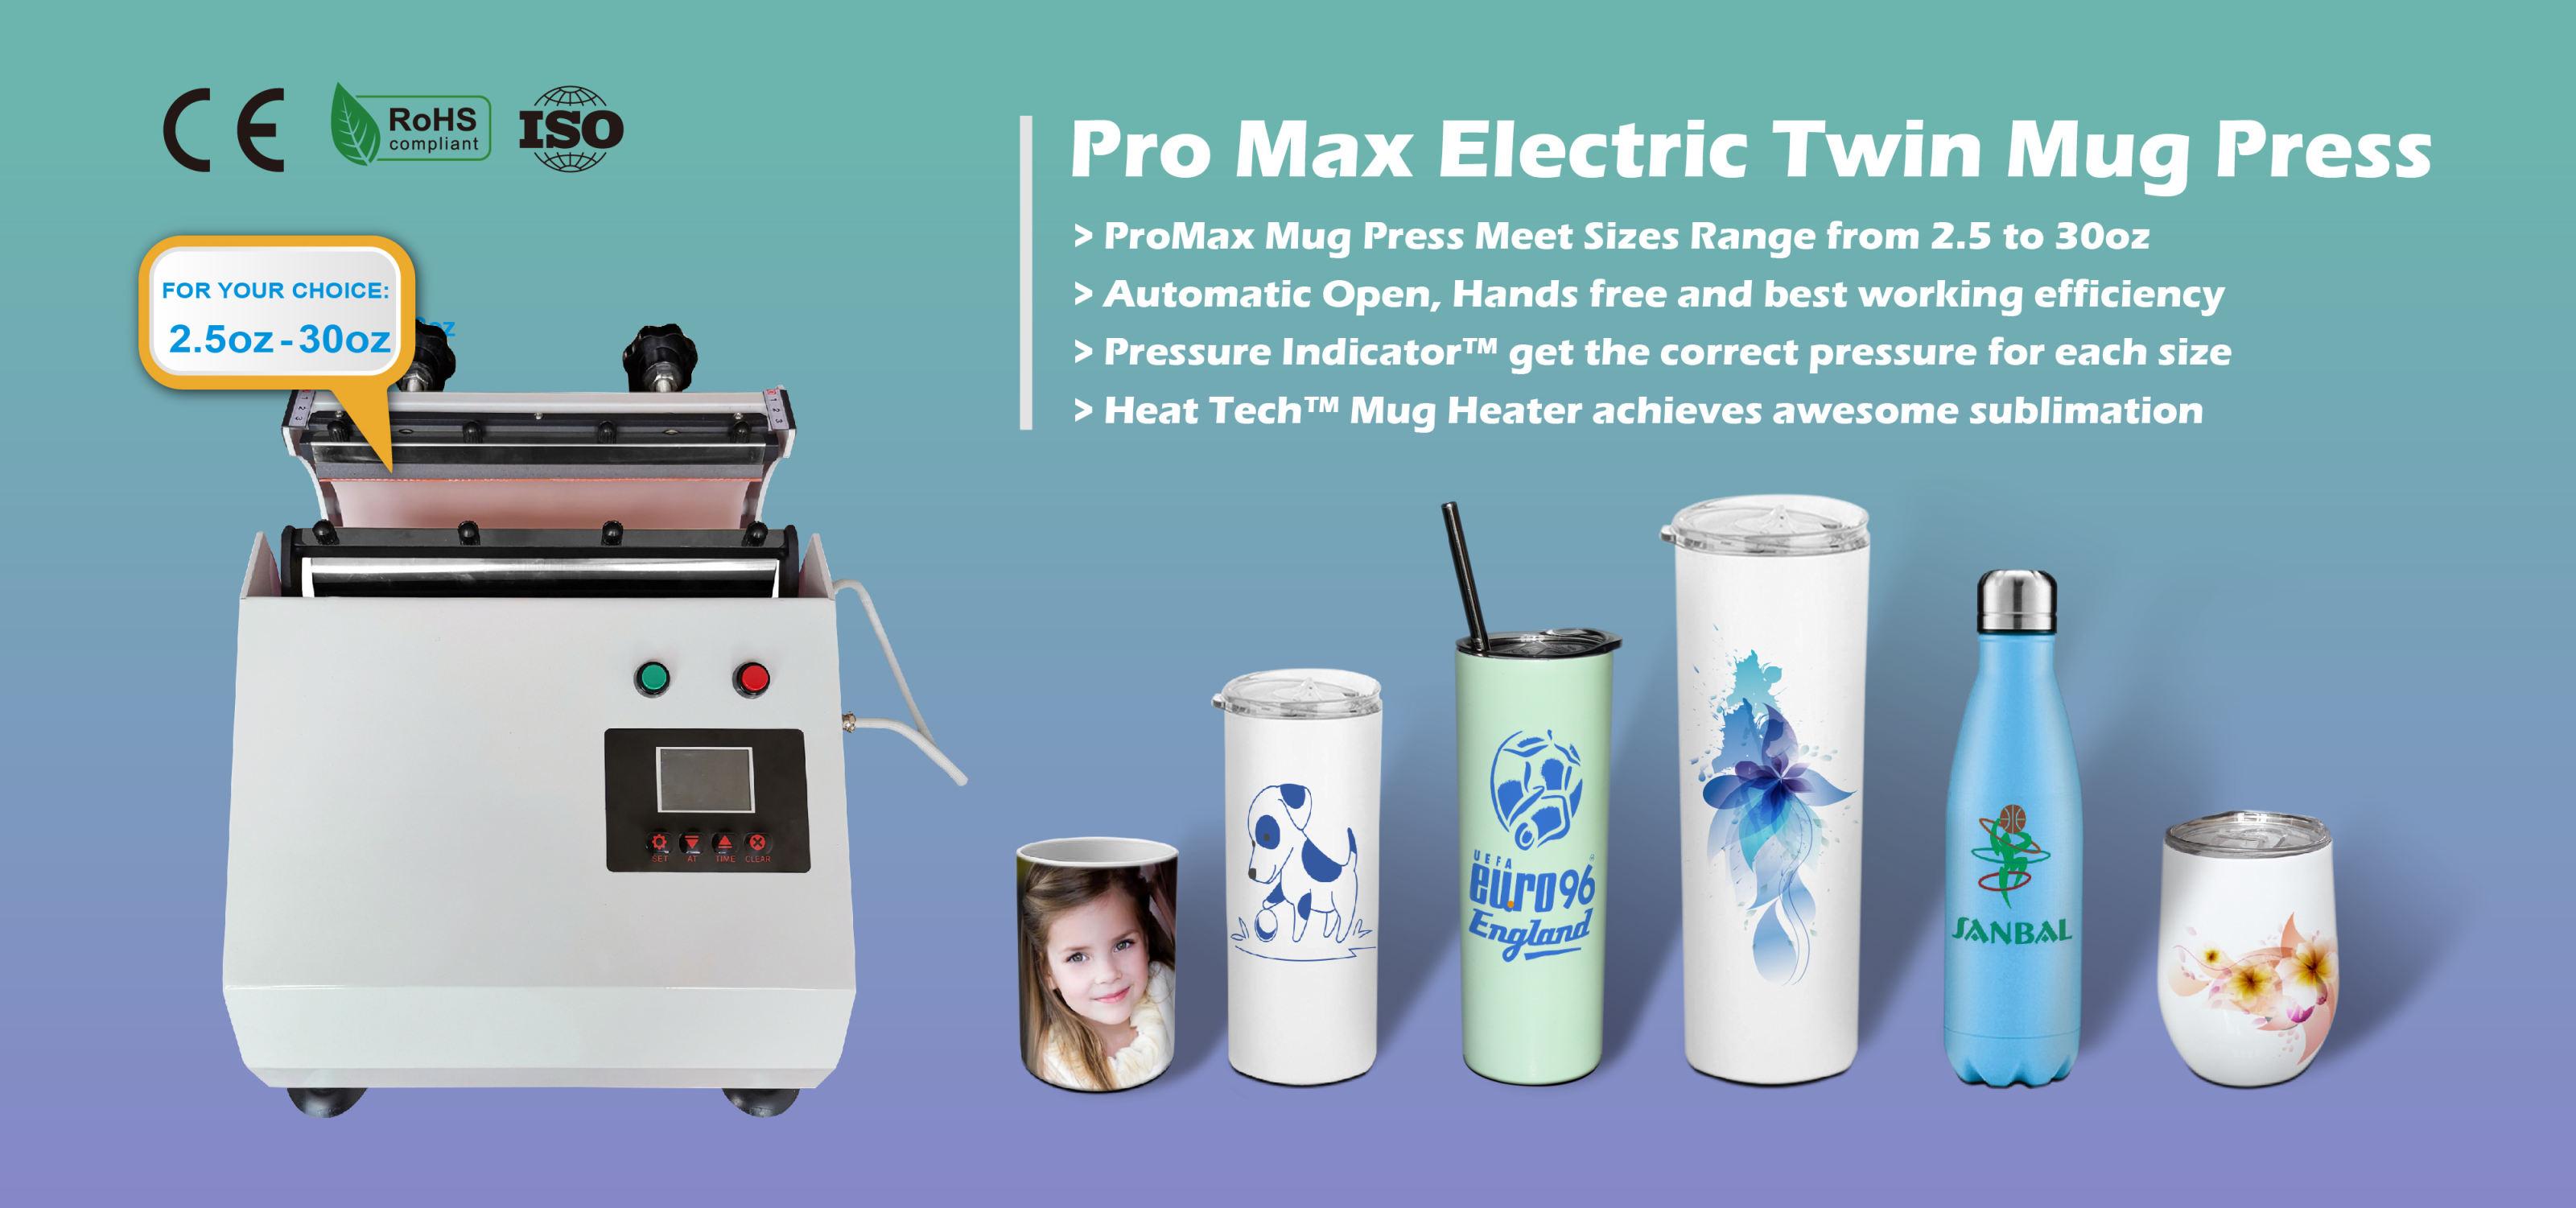 20 oz tumnbler heat press